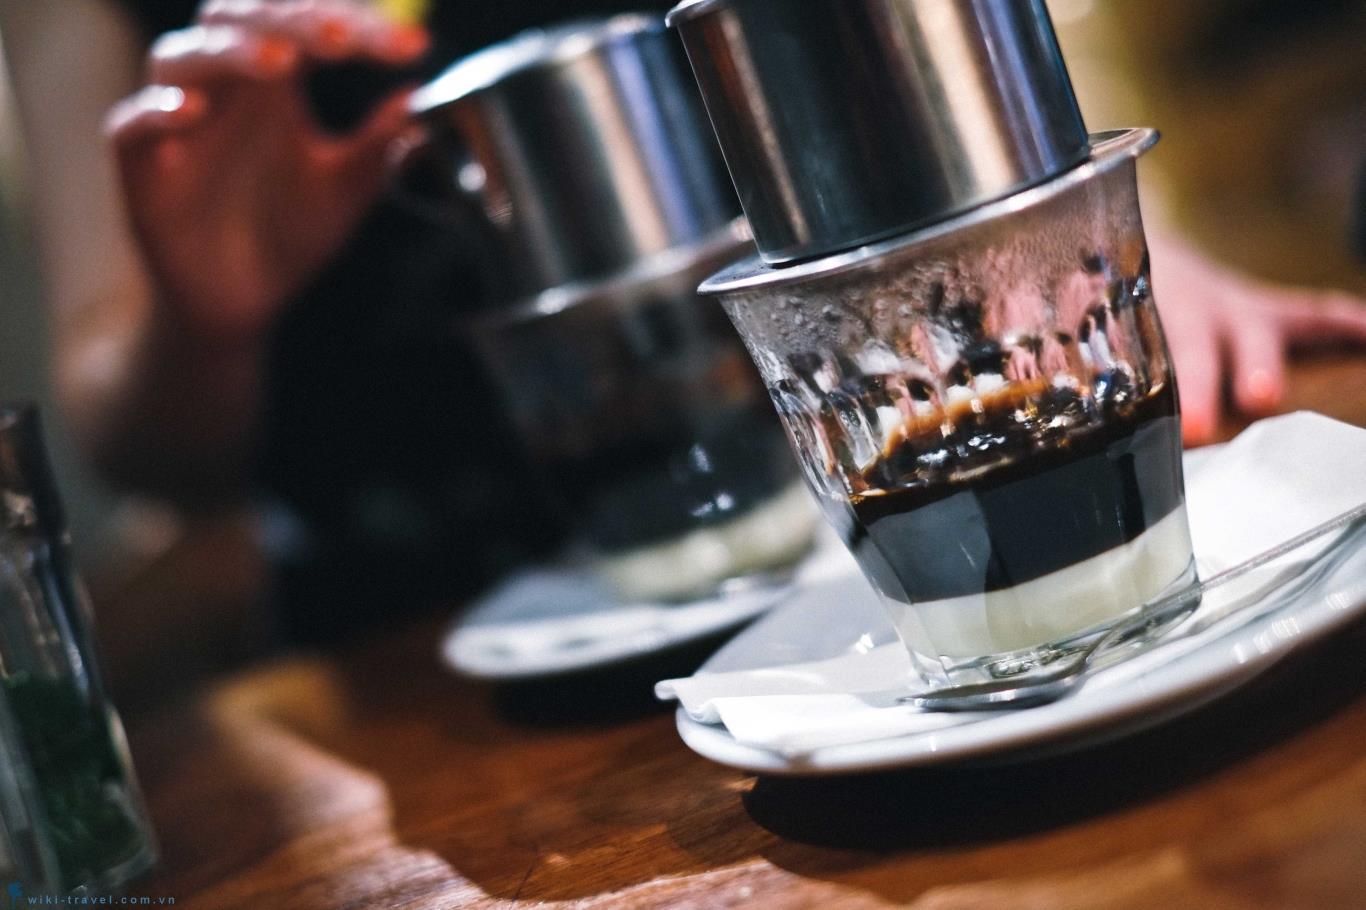 Có thể thưởng thức cà phê nóng cùng sữa hoặc đường